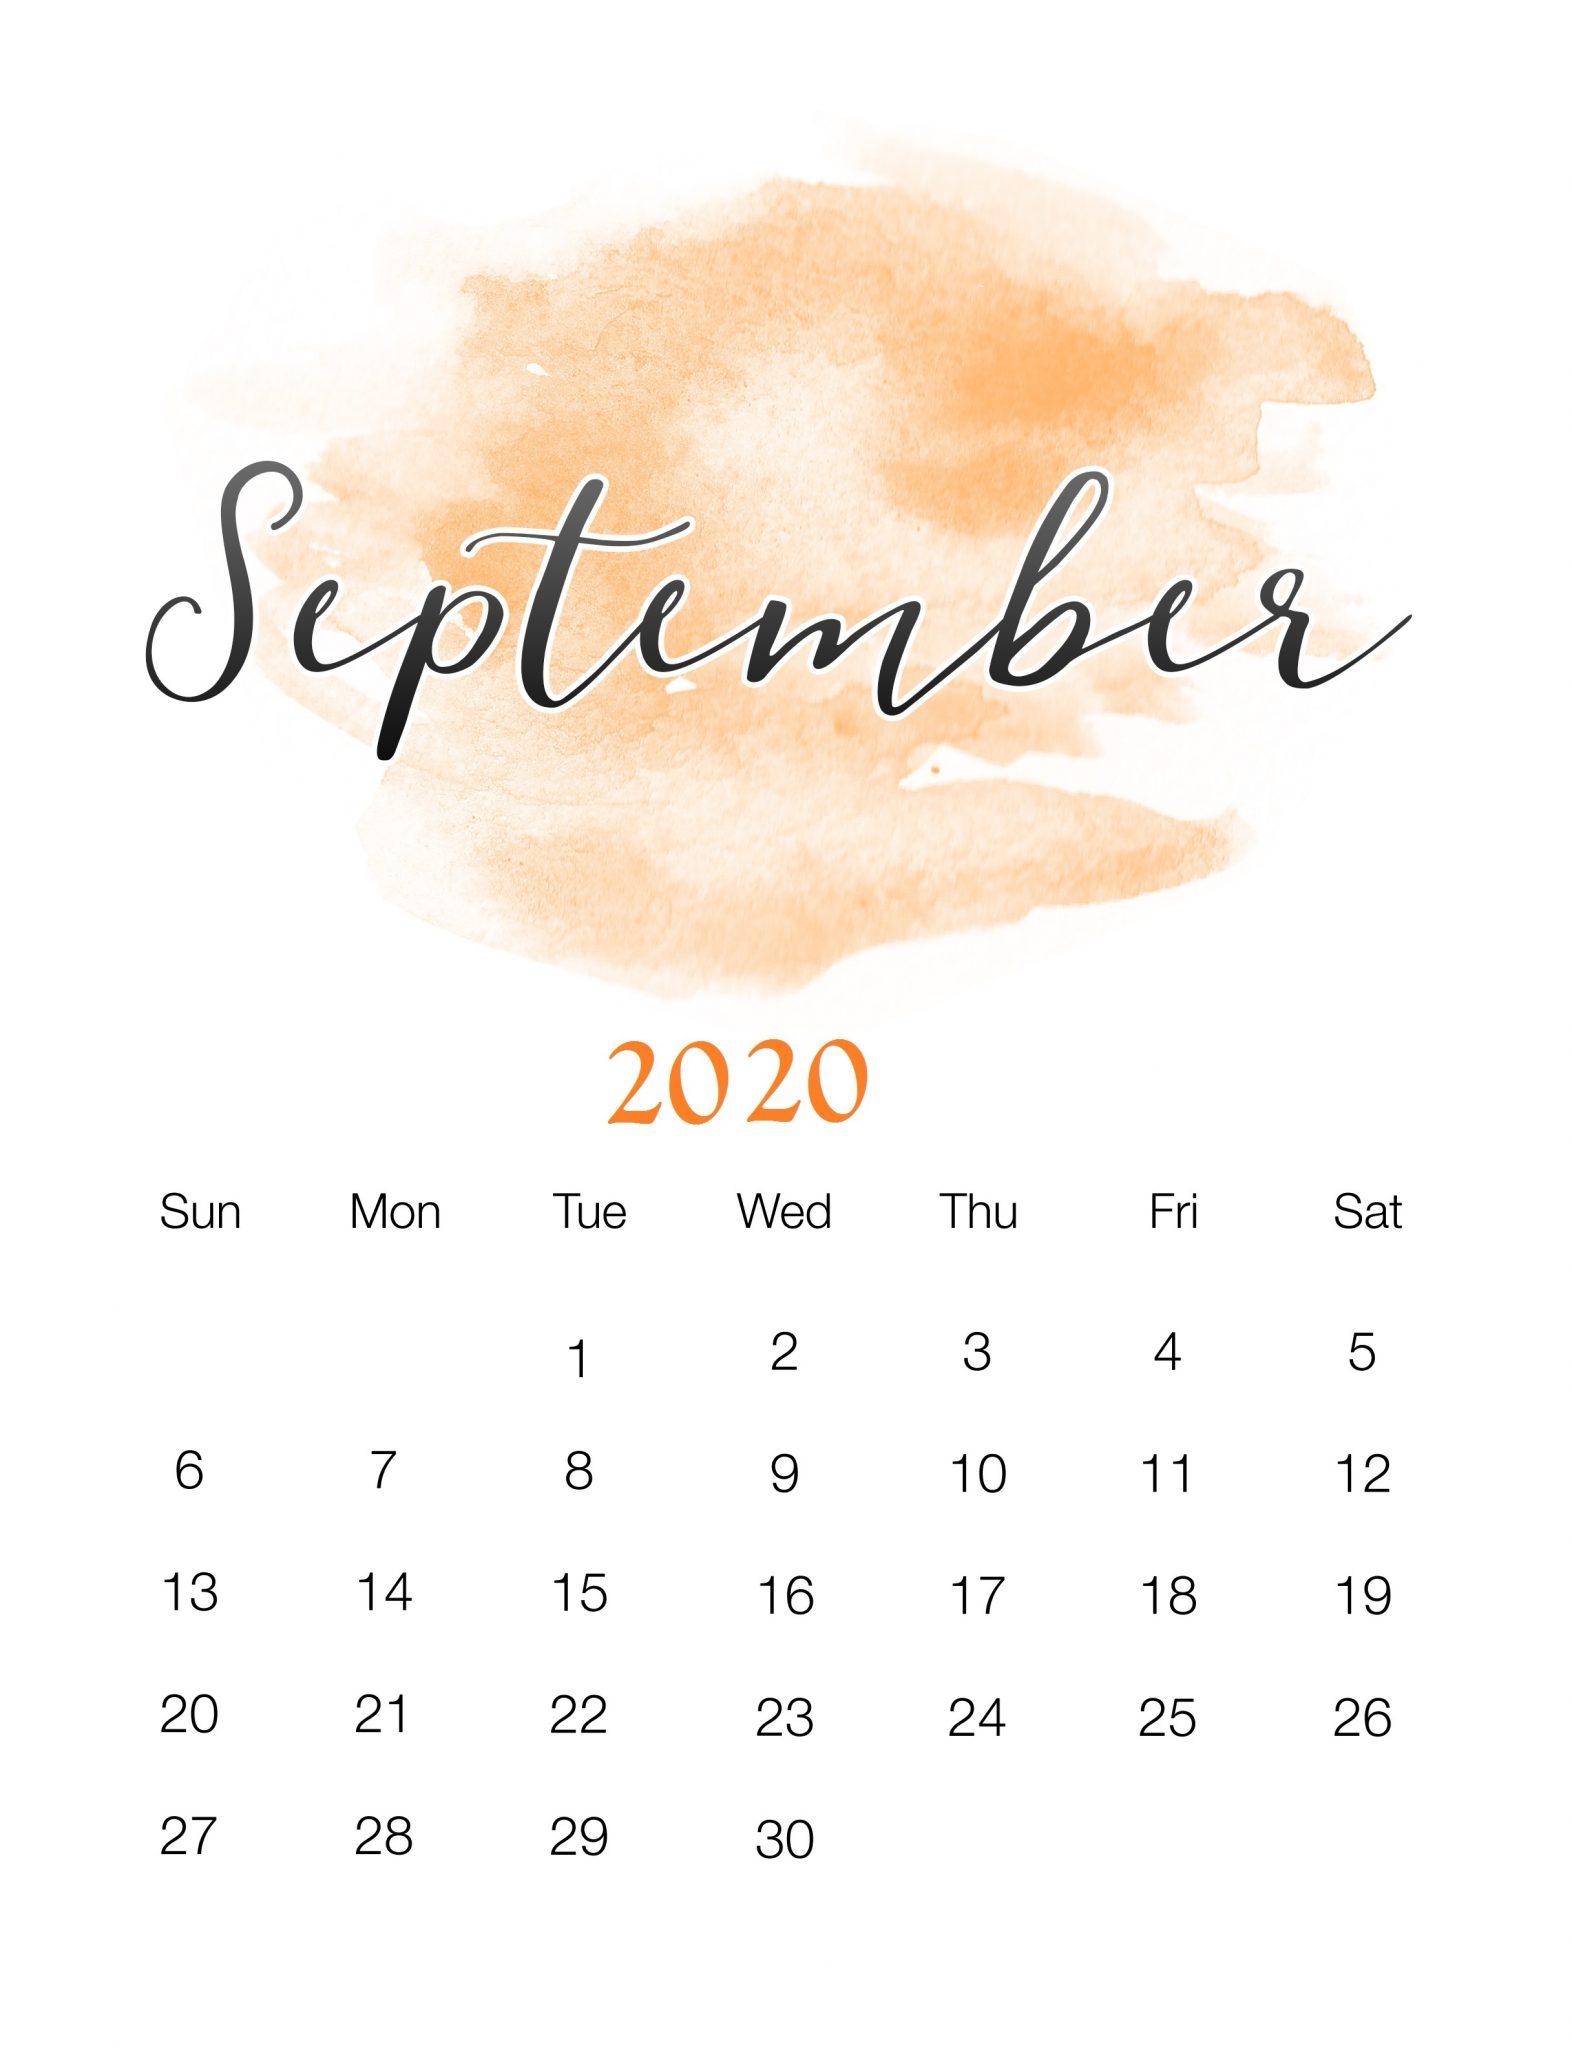 Free September 2020 Wall Calendar